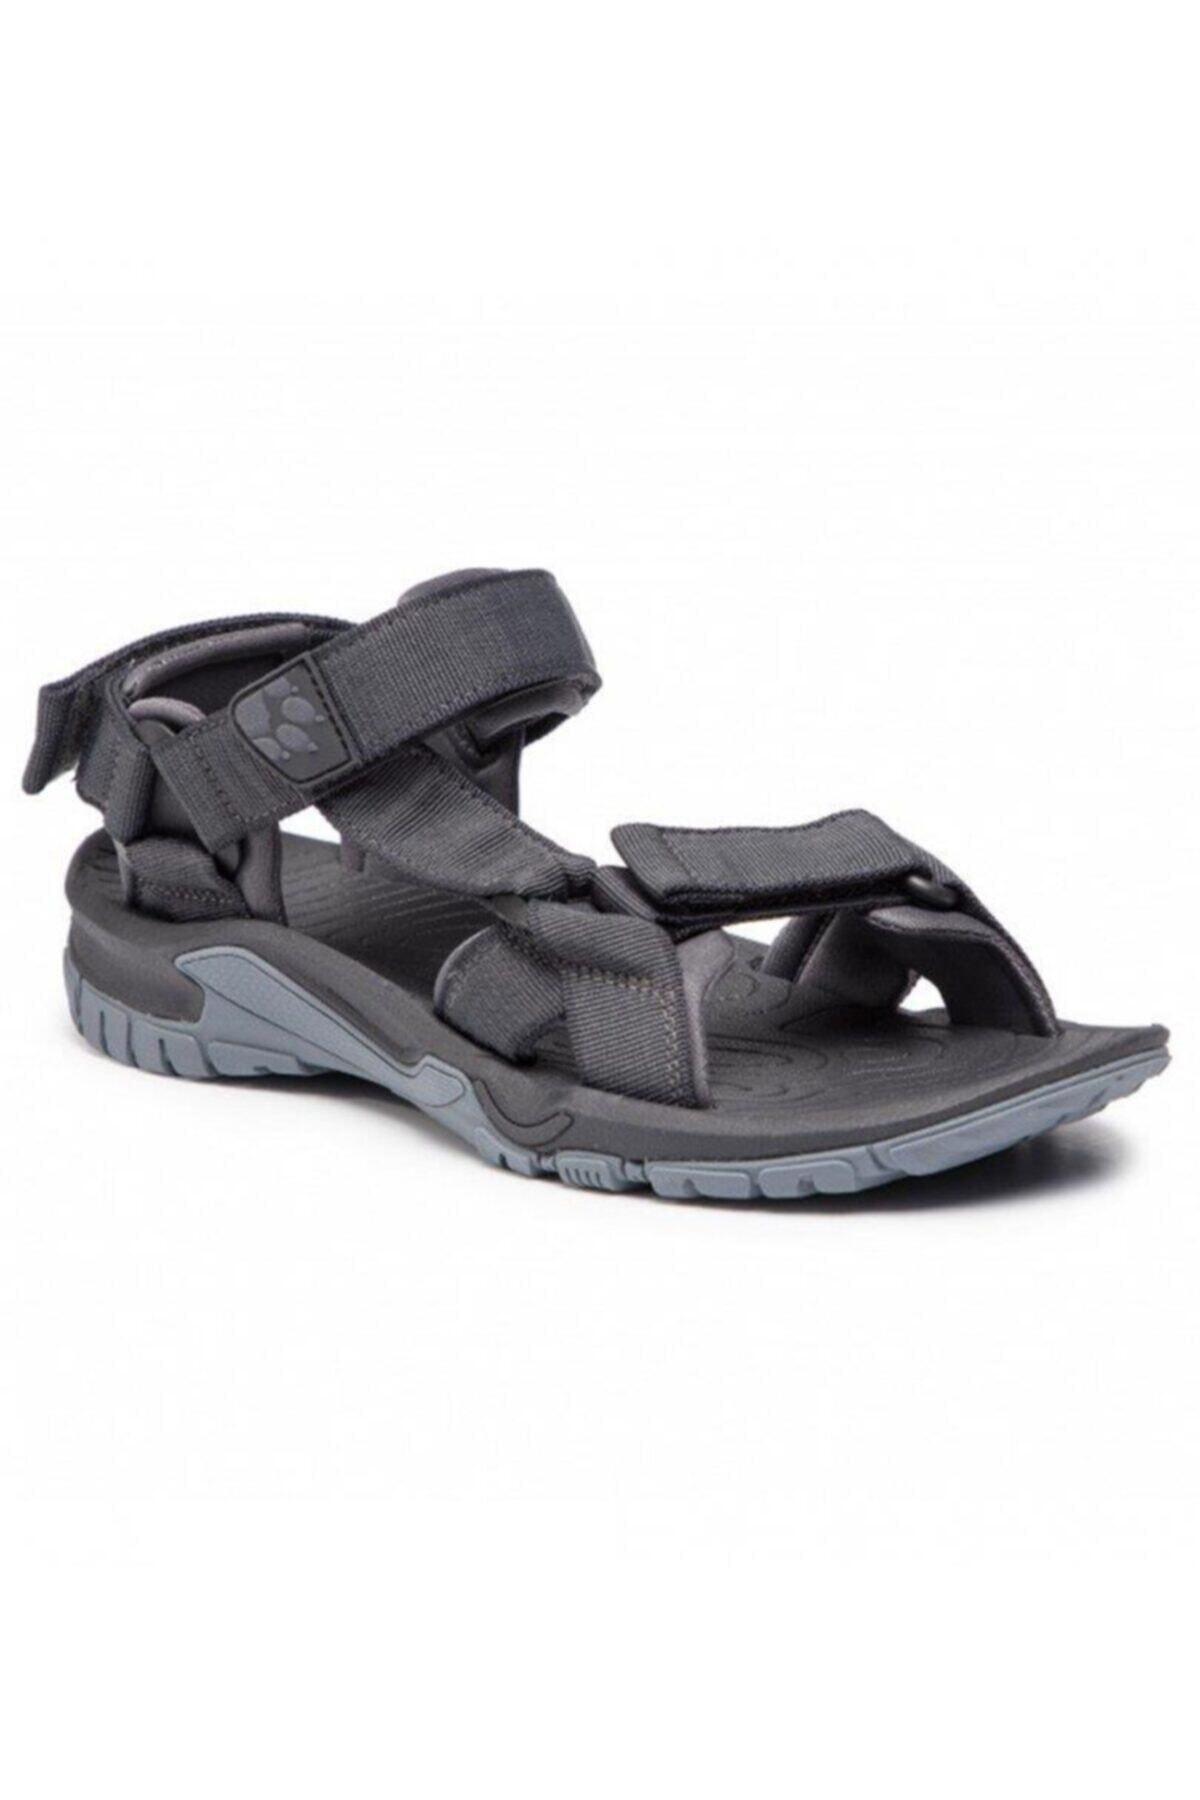 Jack Wolfskin Lakewood Ride Erkek Sandalet - 4019021-6230 1